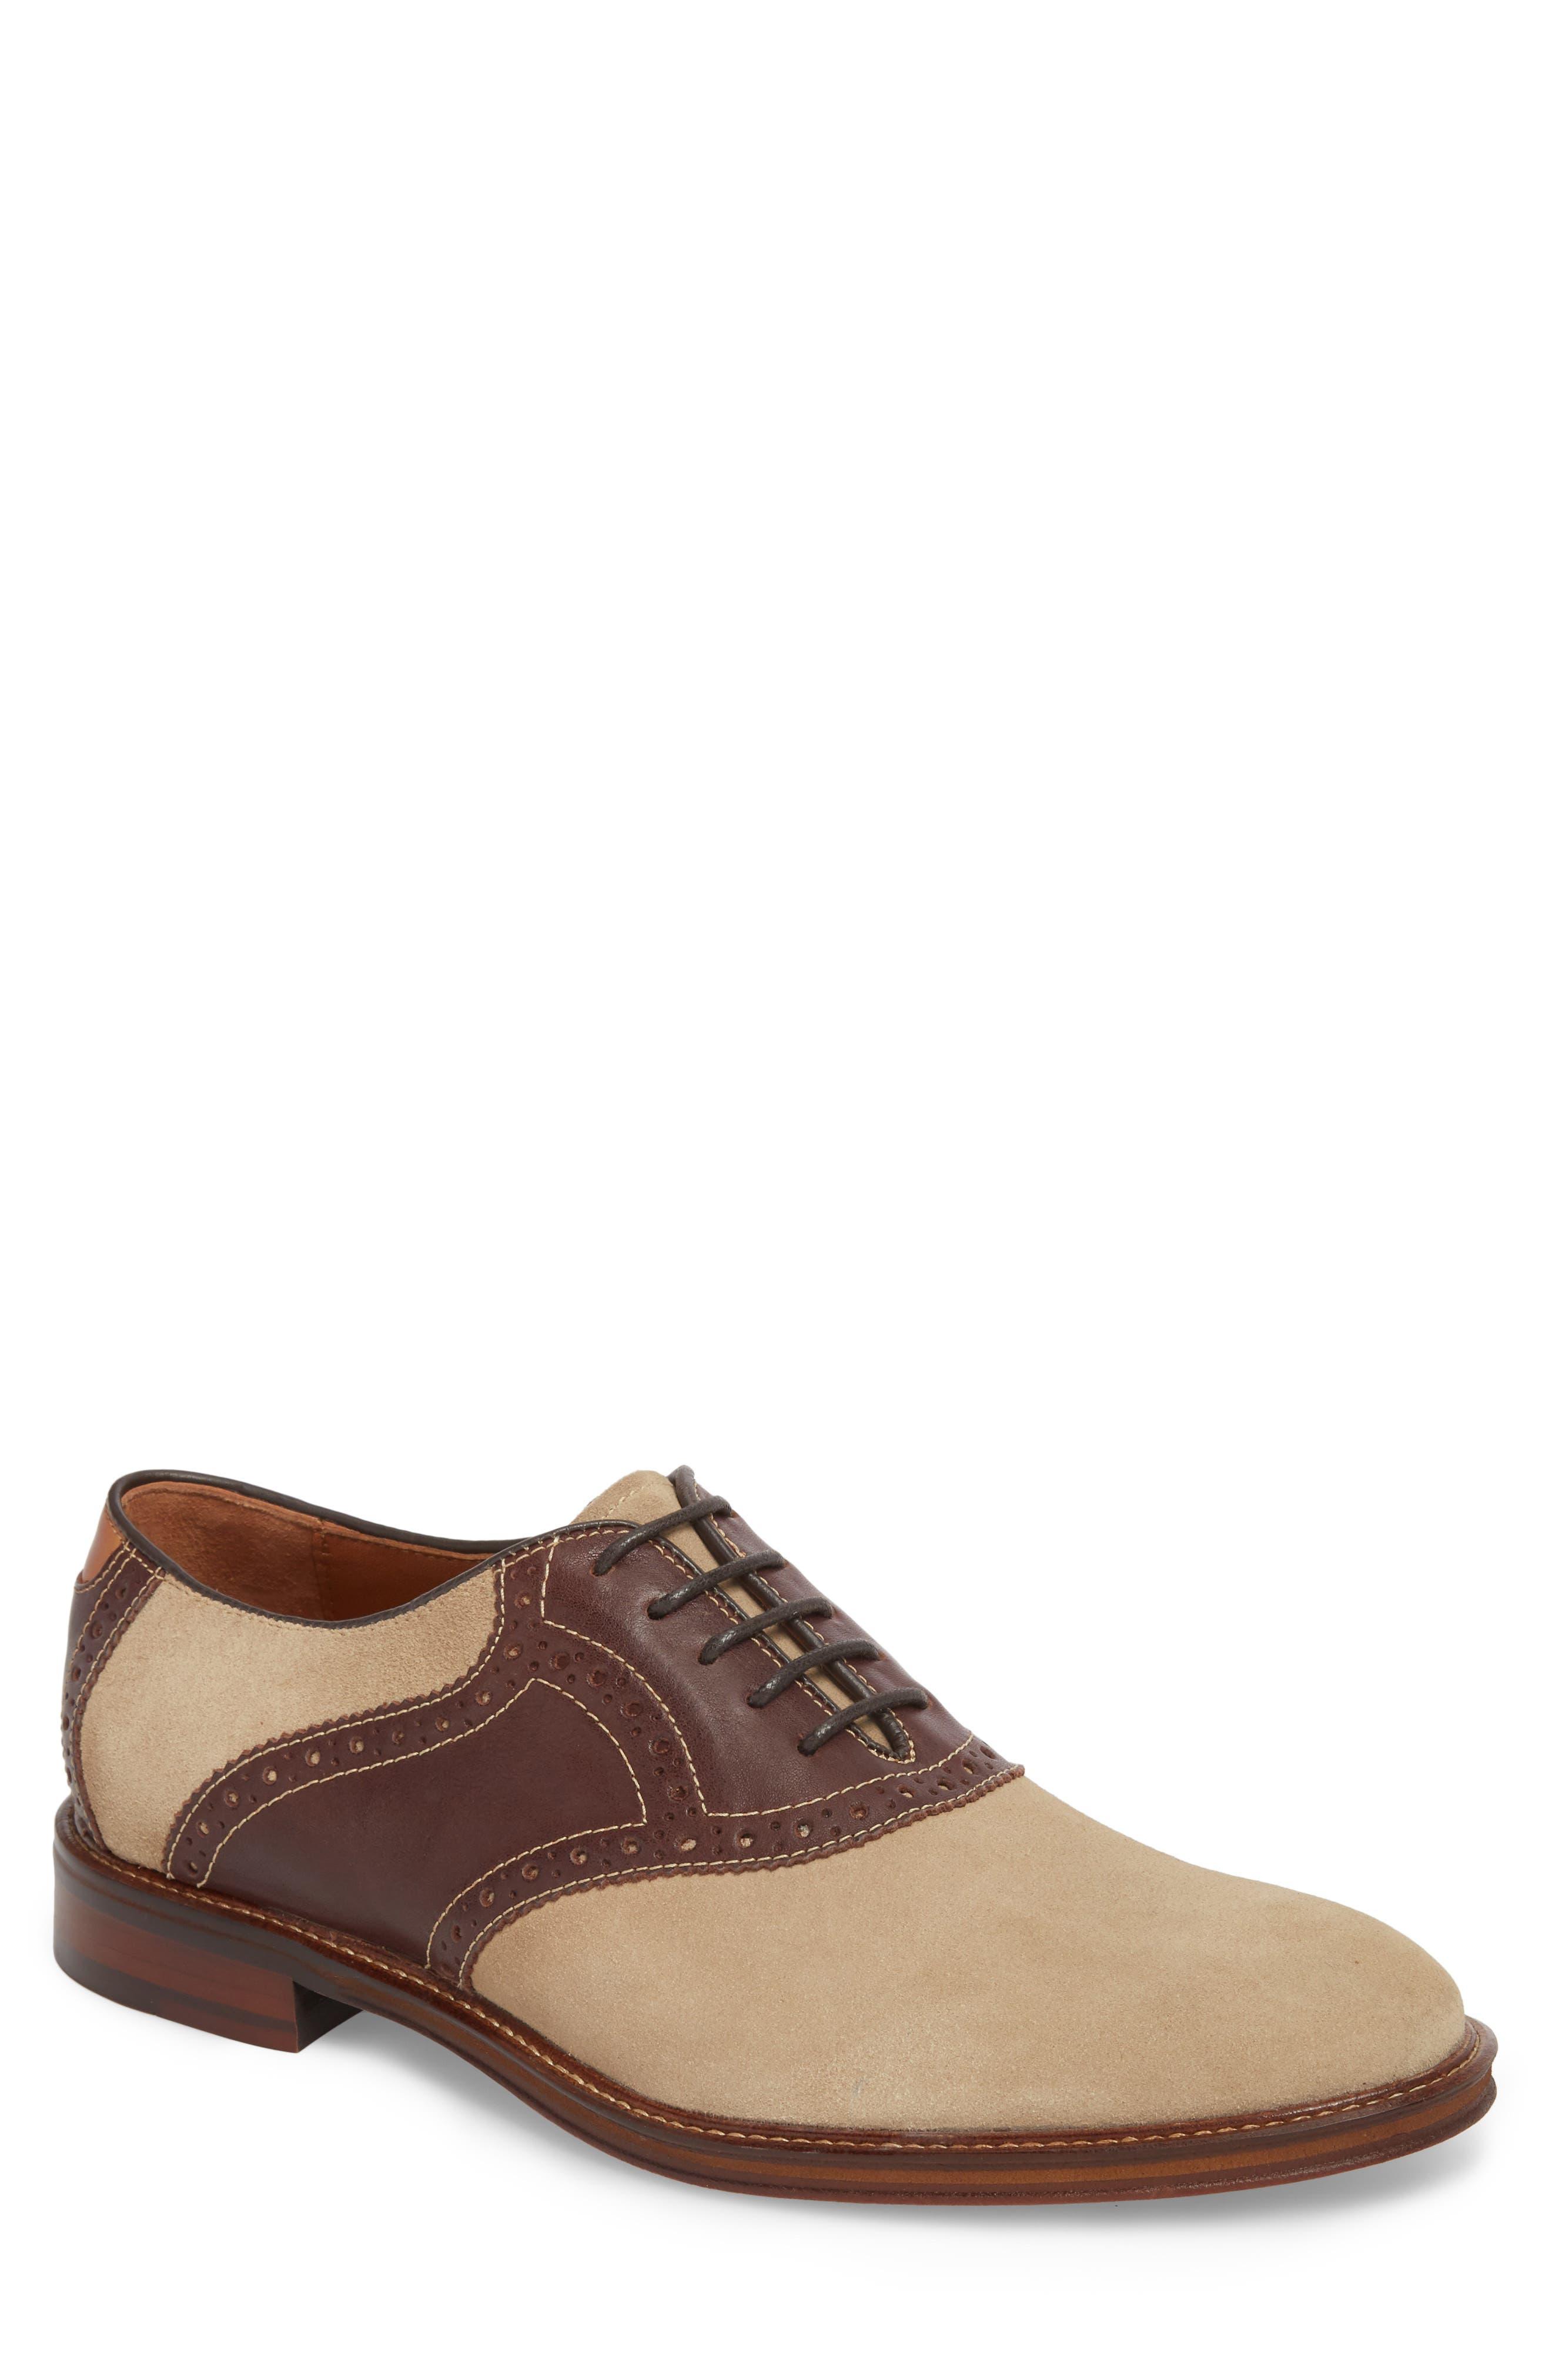 Warner Saddle Shoe,                         Main,                         color, Camel Nubuck